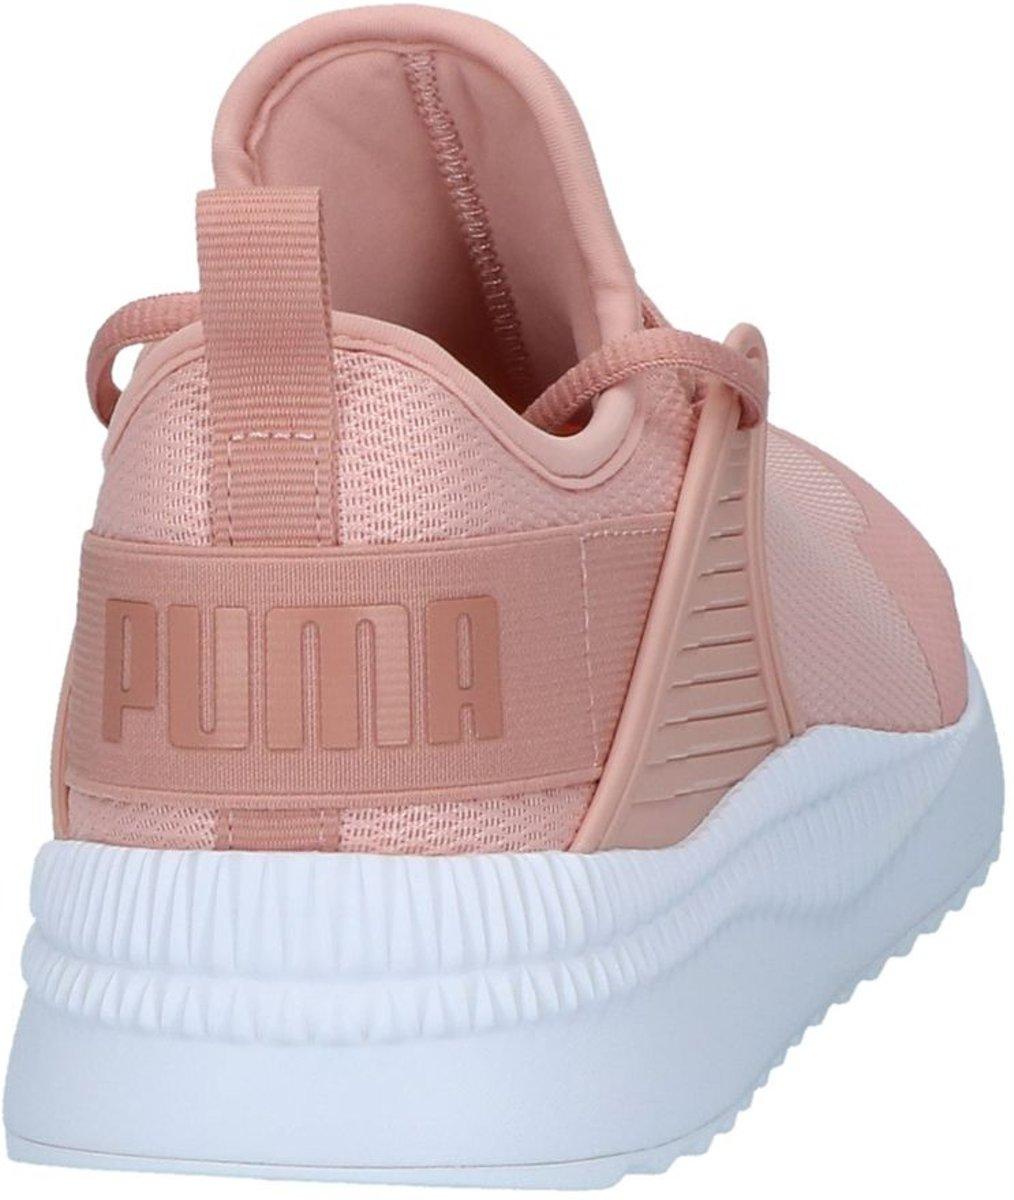 Puma 365284 Sneaker laag gekleed Dames Maat 40,5 Roze 04 Peach BeigePeach Beige